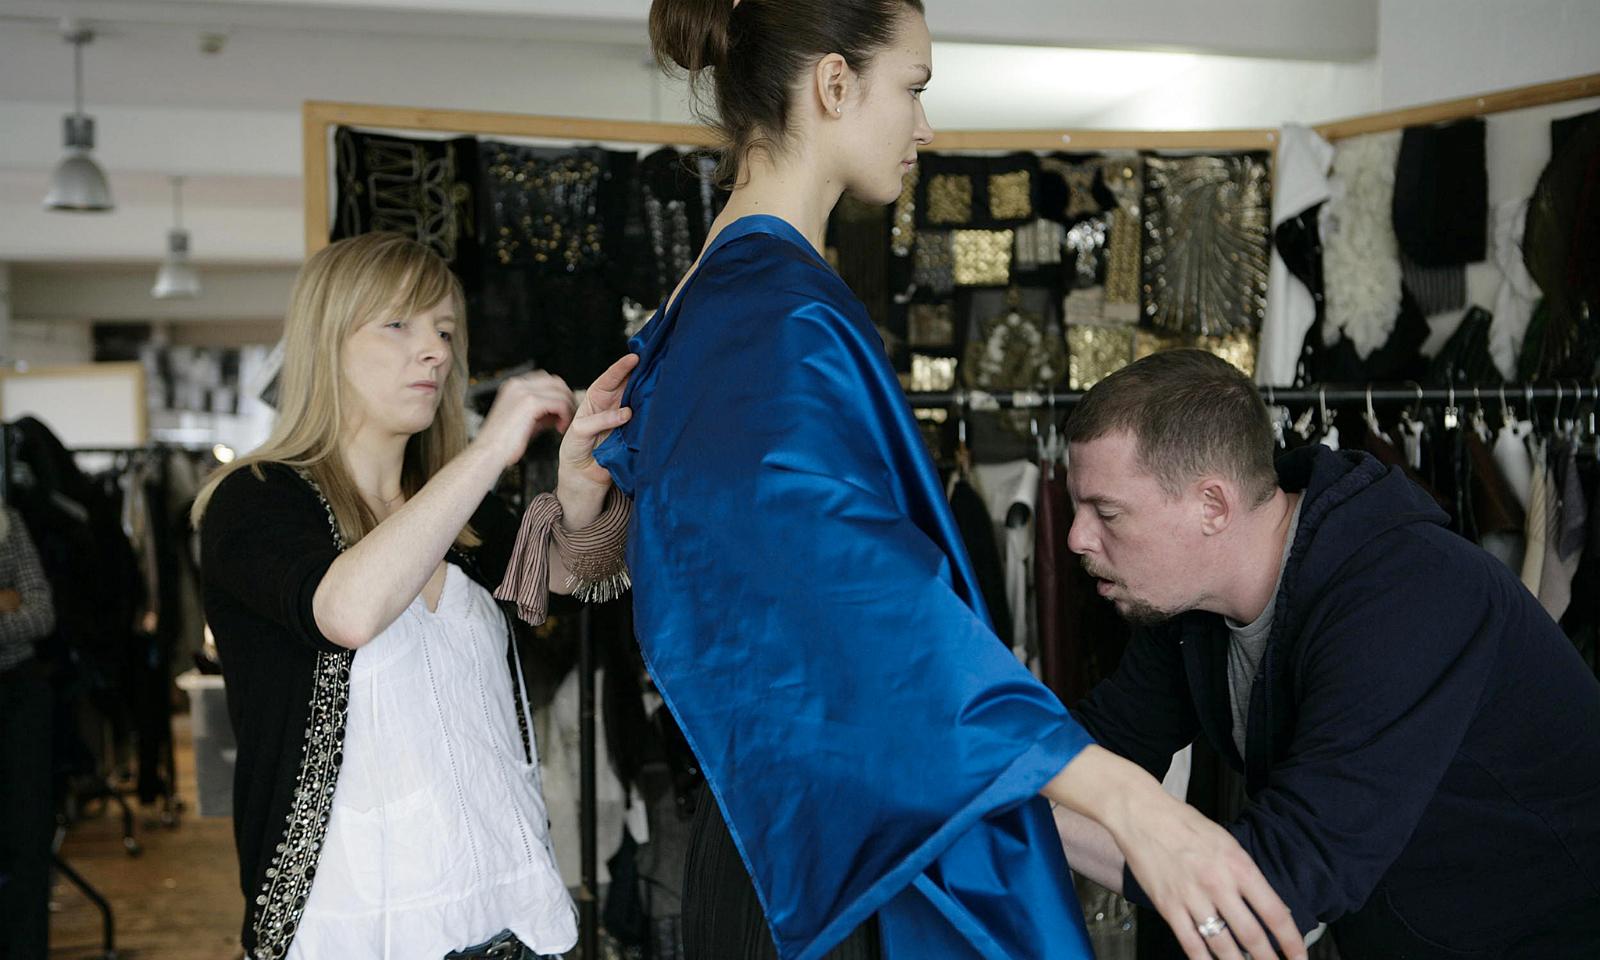 Alexander McQueen 品牌捐出多余面料帮助英国学生完成毕业设计